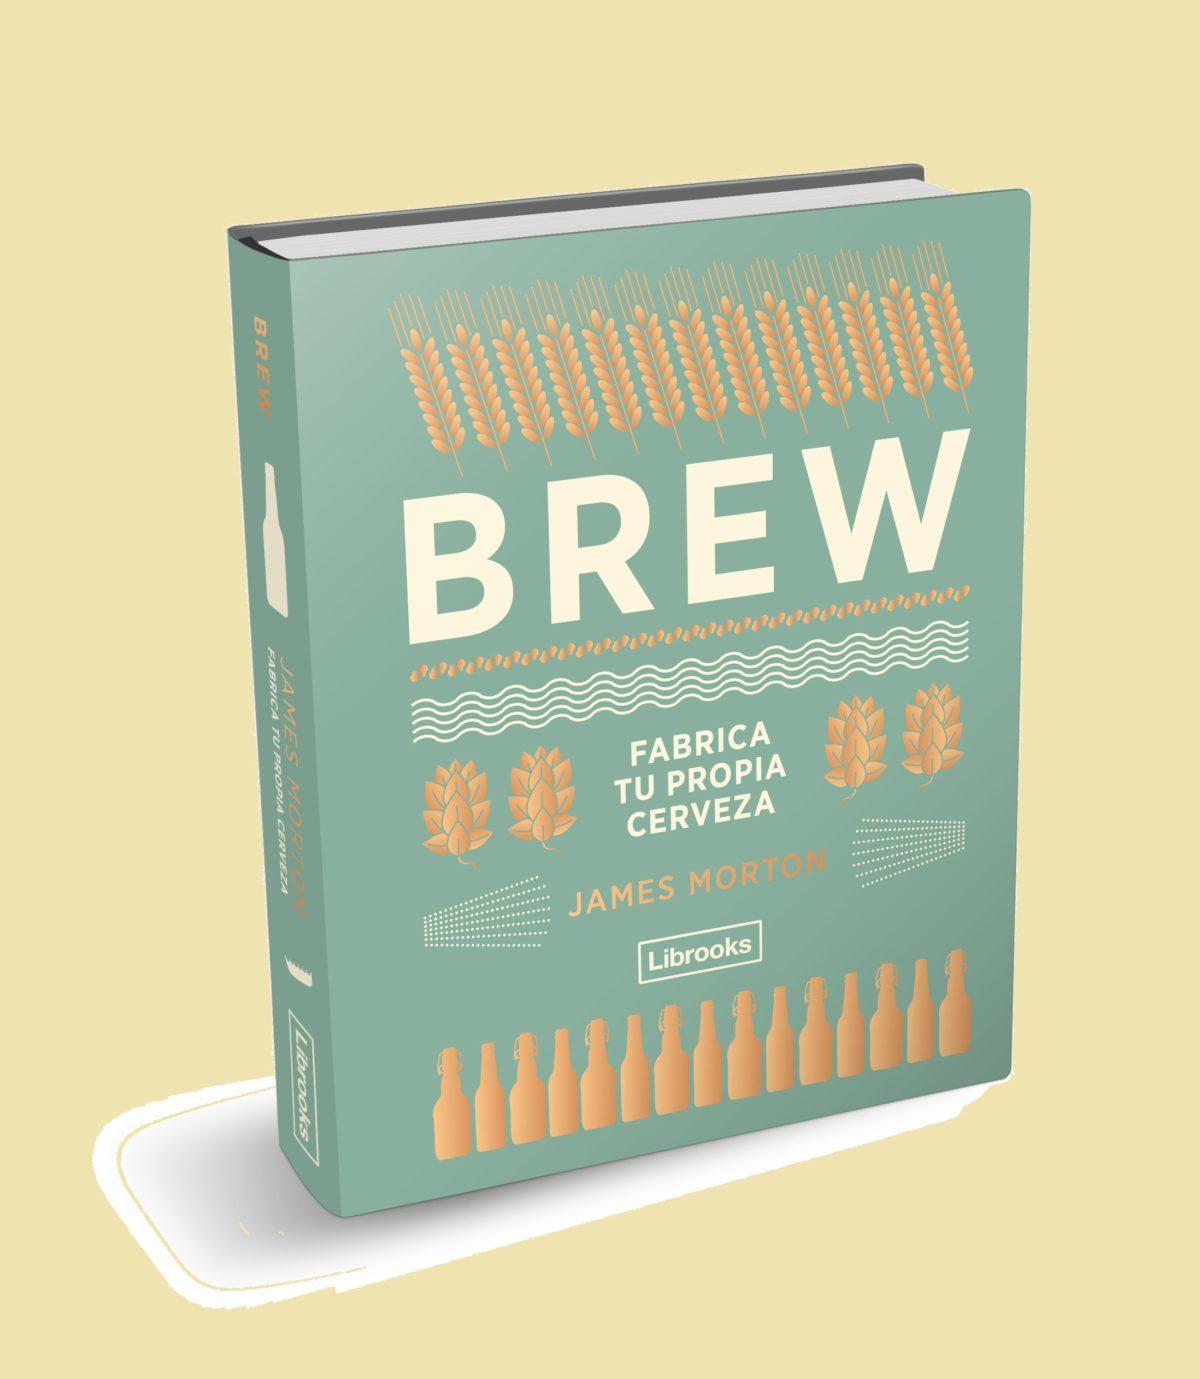 Libro Brew, fabrica tu propia cerveza